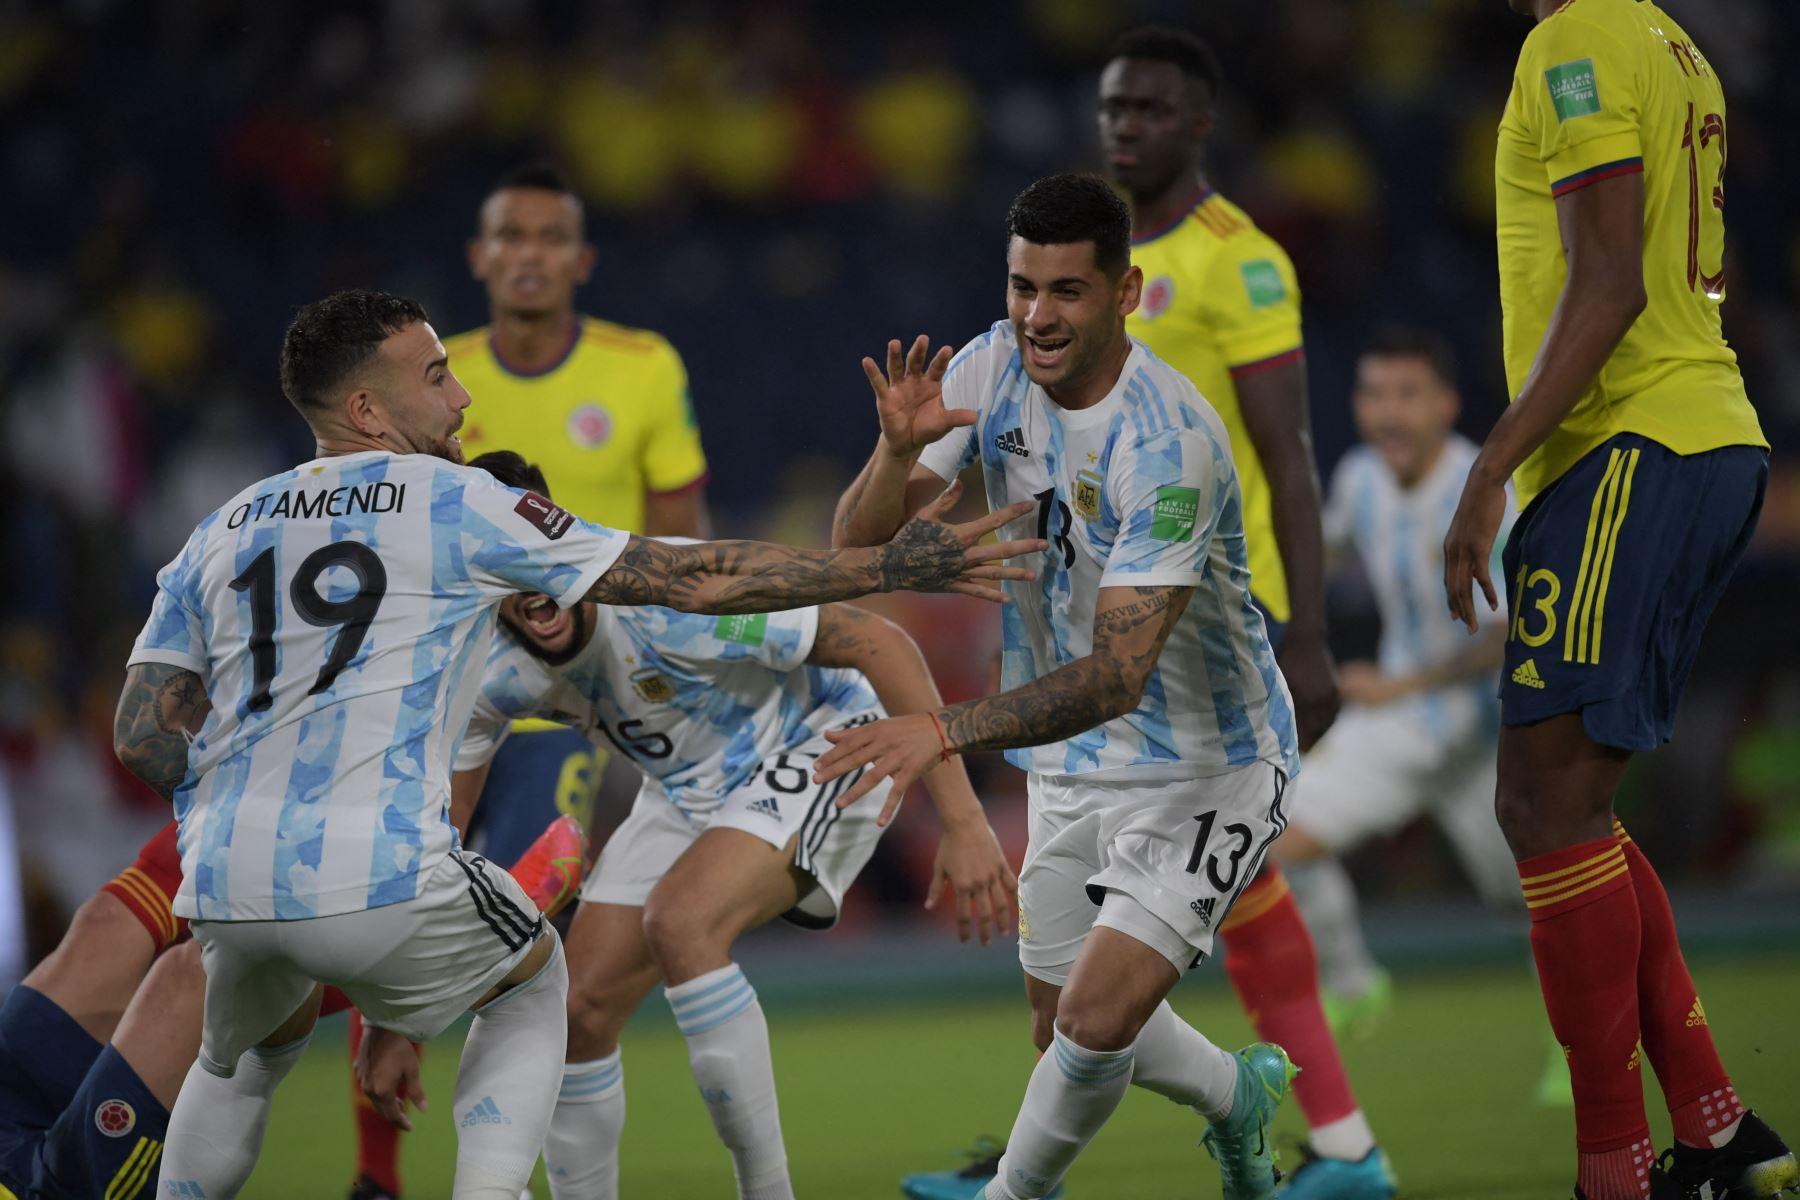 El argentino Cristian Romero celebra tras anotar contra Colombia durante su partido de fútbol de clasificación sudamericano para la Copa Mundial de la FIFA Qatar 2022 en el Estadio Metropolitano Roberto Meléndez en Barranquilla, Colombia. Foto: AFP